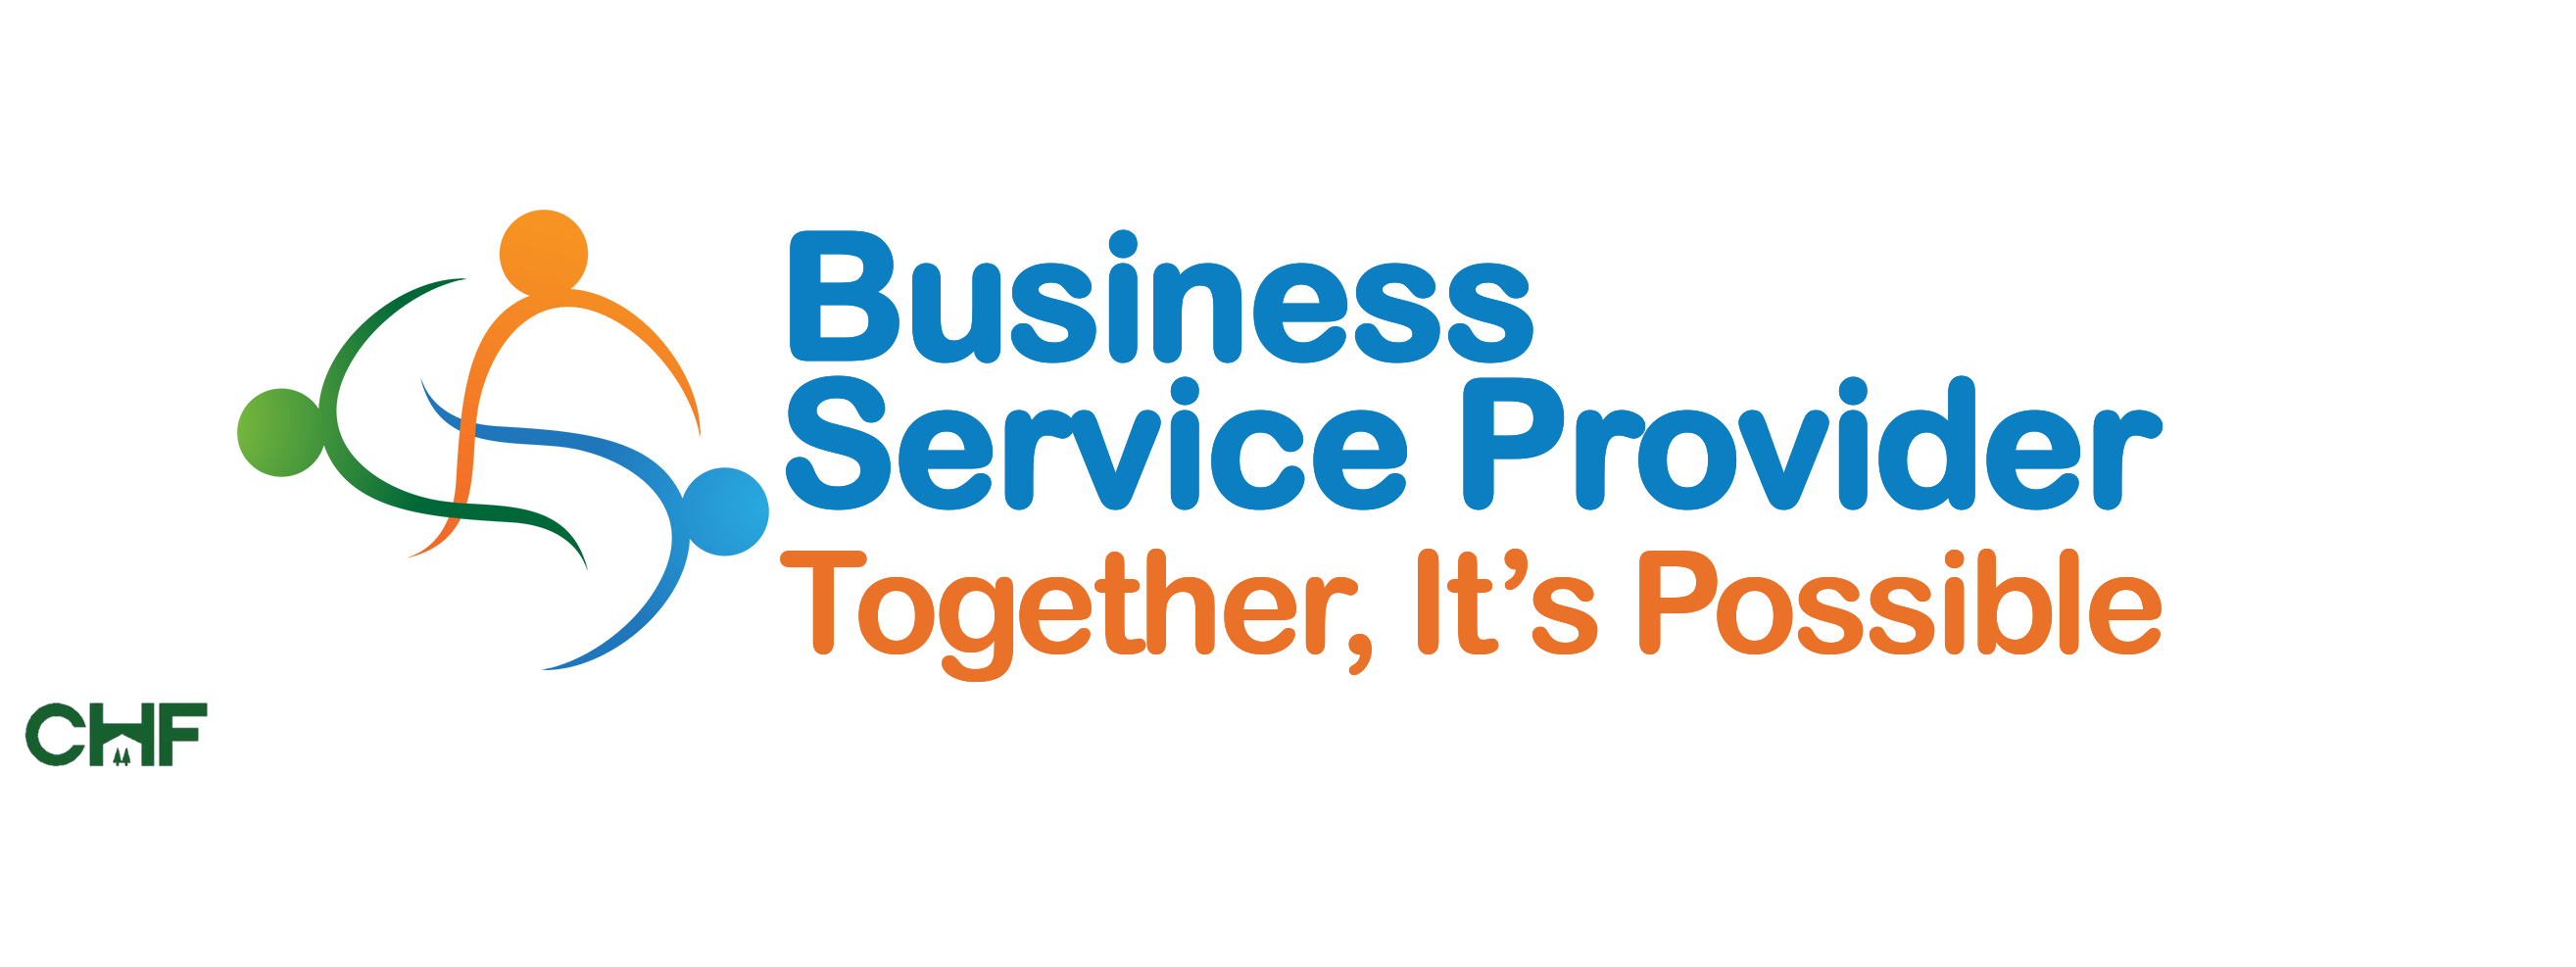 مبادرة مقدمي خدمات الاعمال